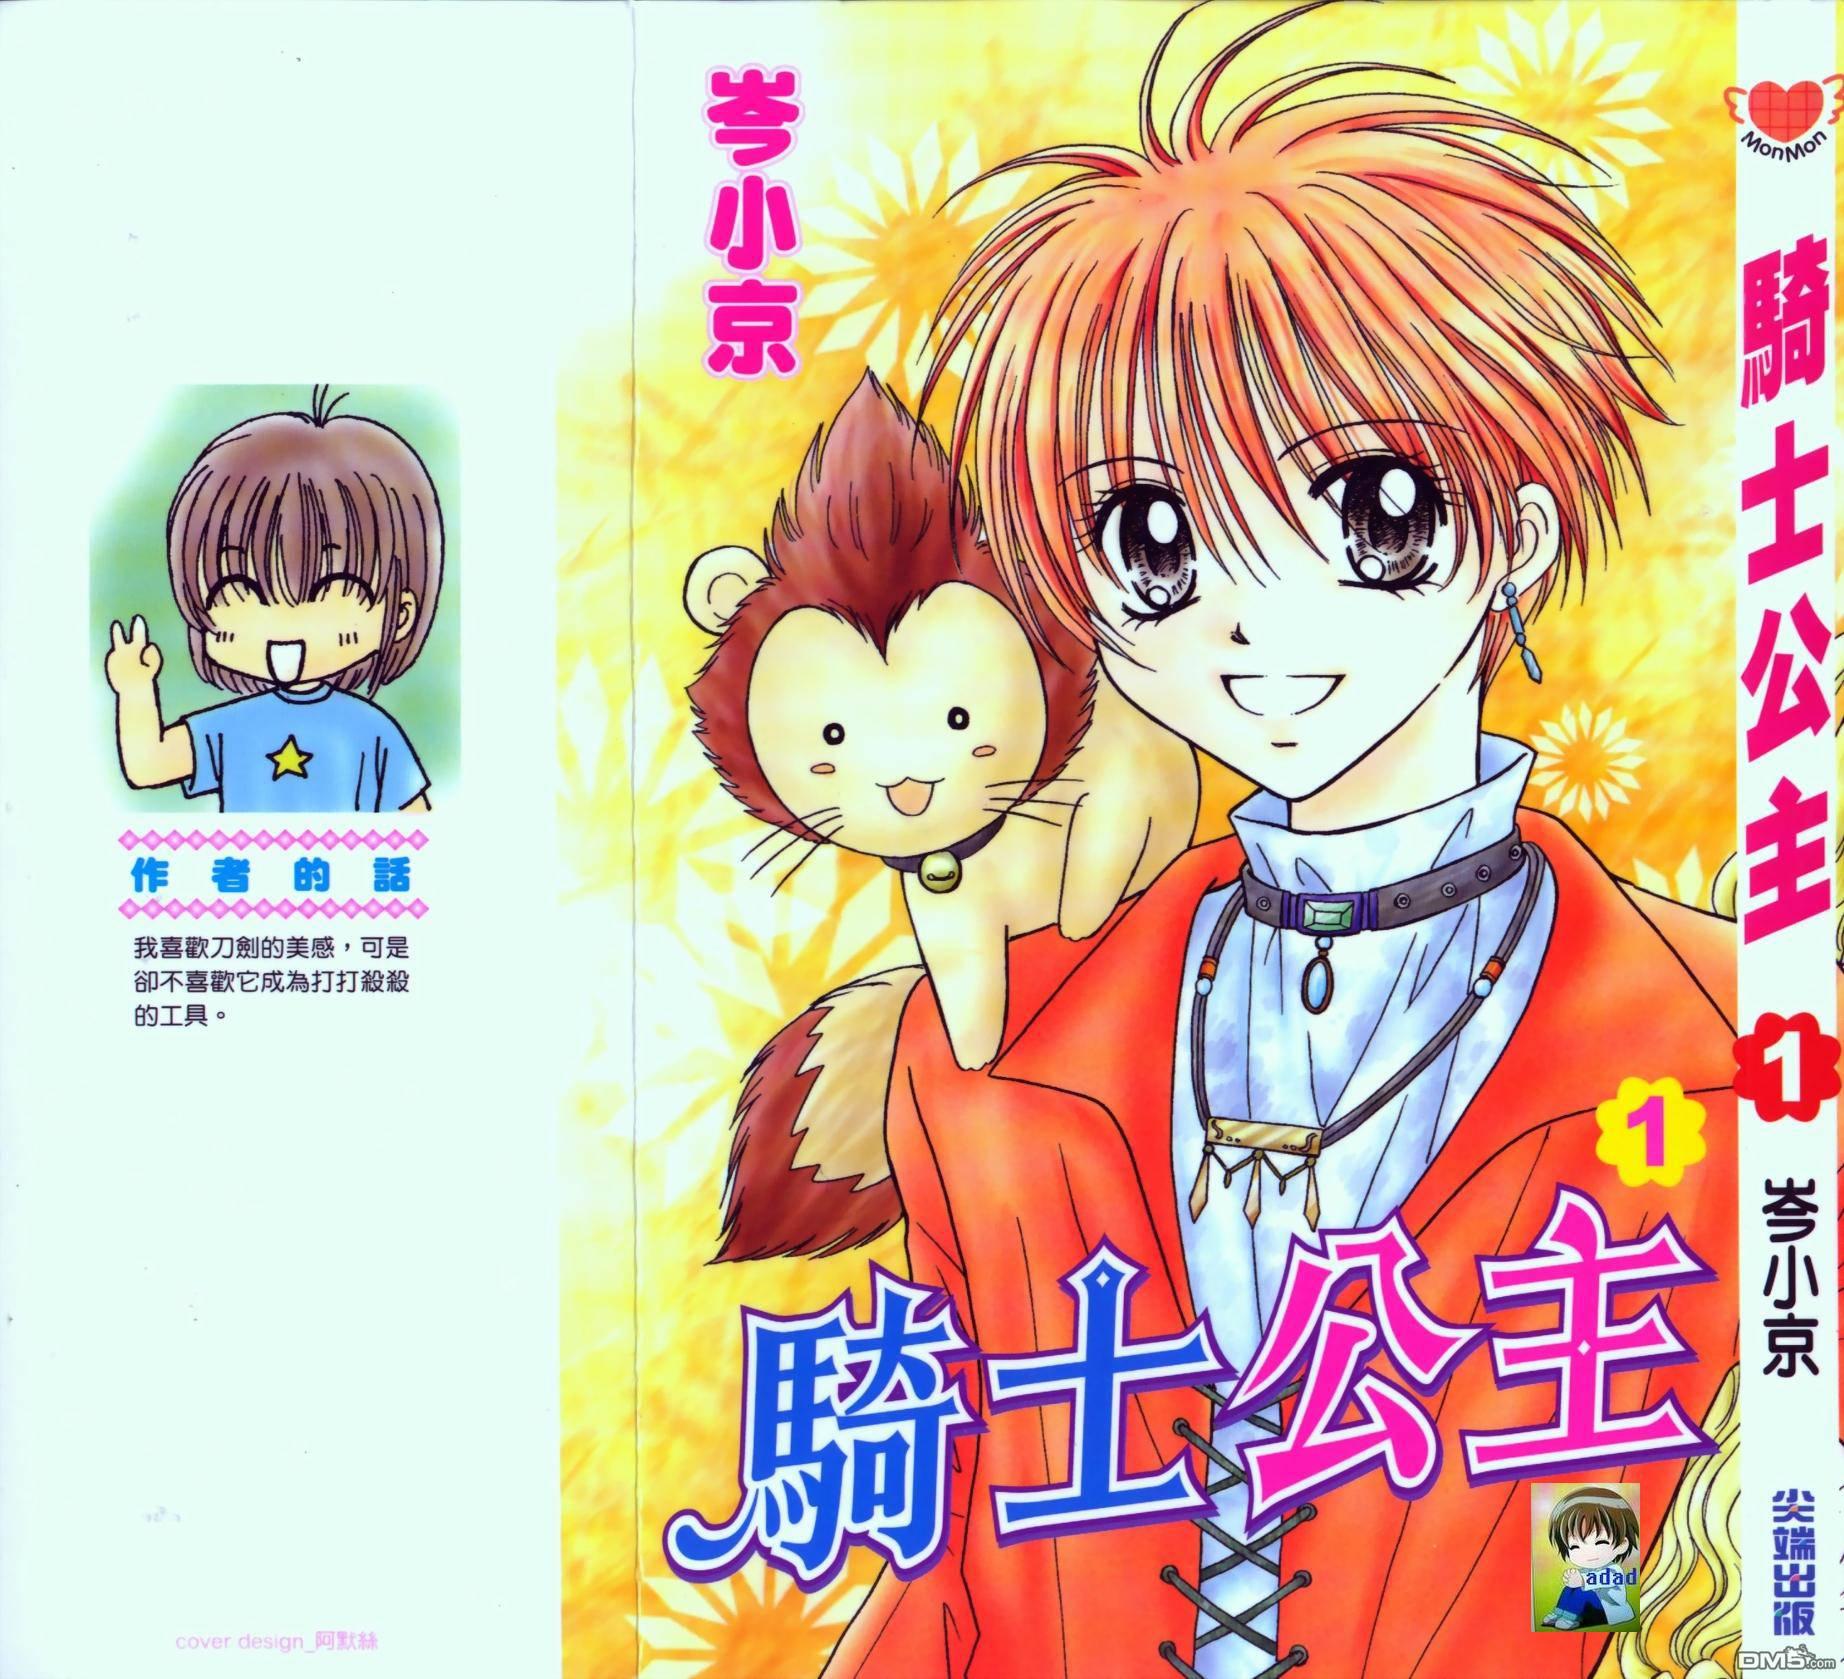 青涩时代12漫画类型:少女爱情&nsp&